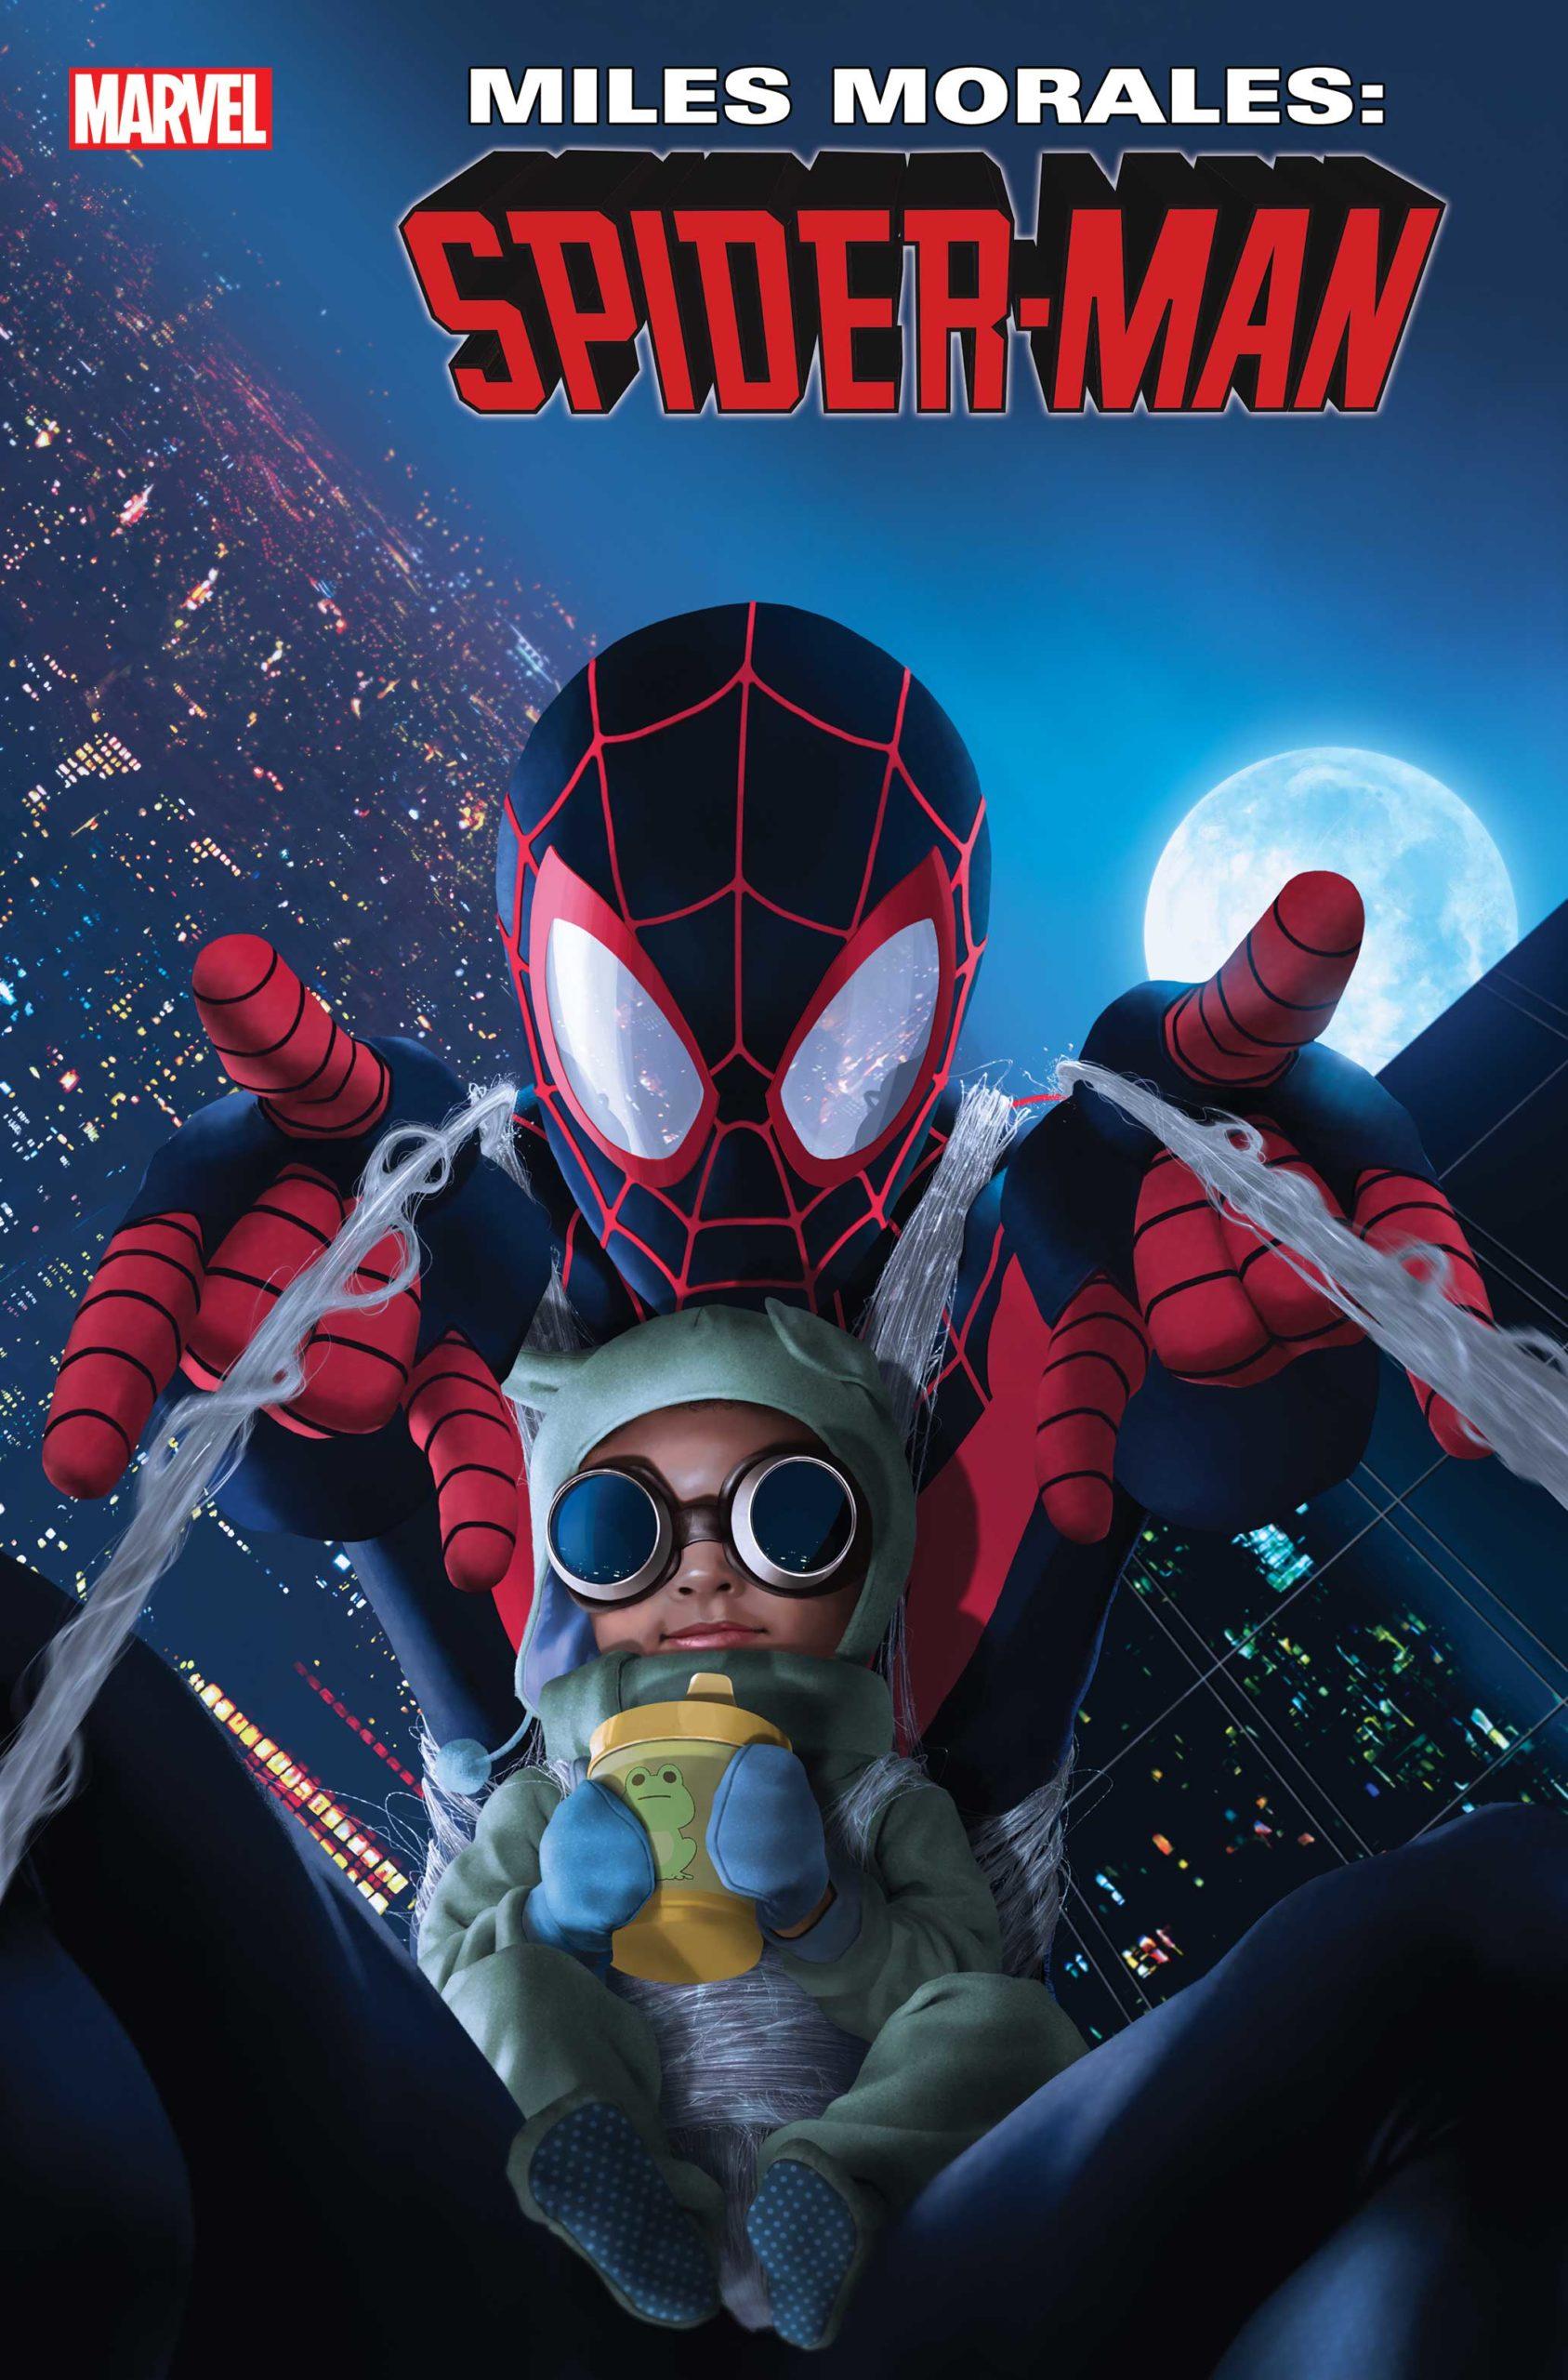 Miles Morales: Spider-Man #18 Billie Morales variant cover